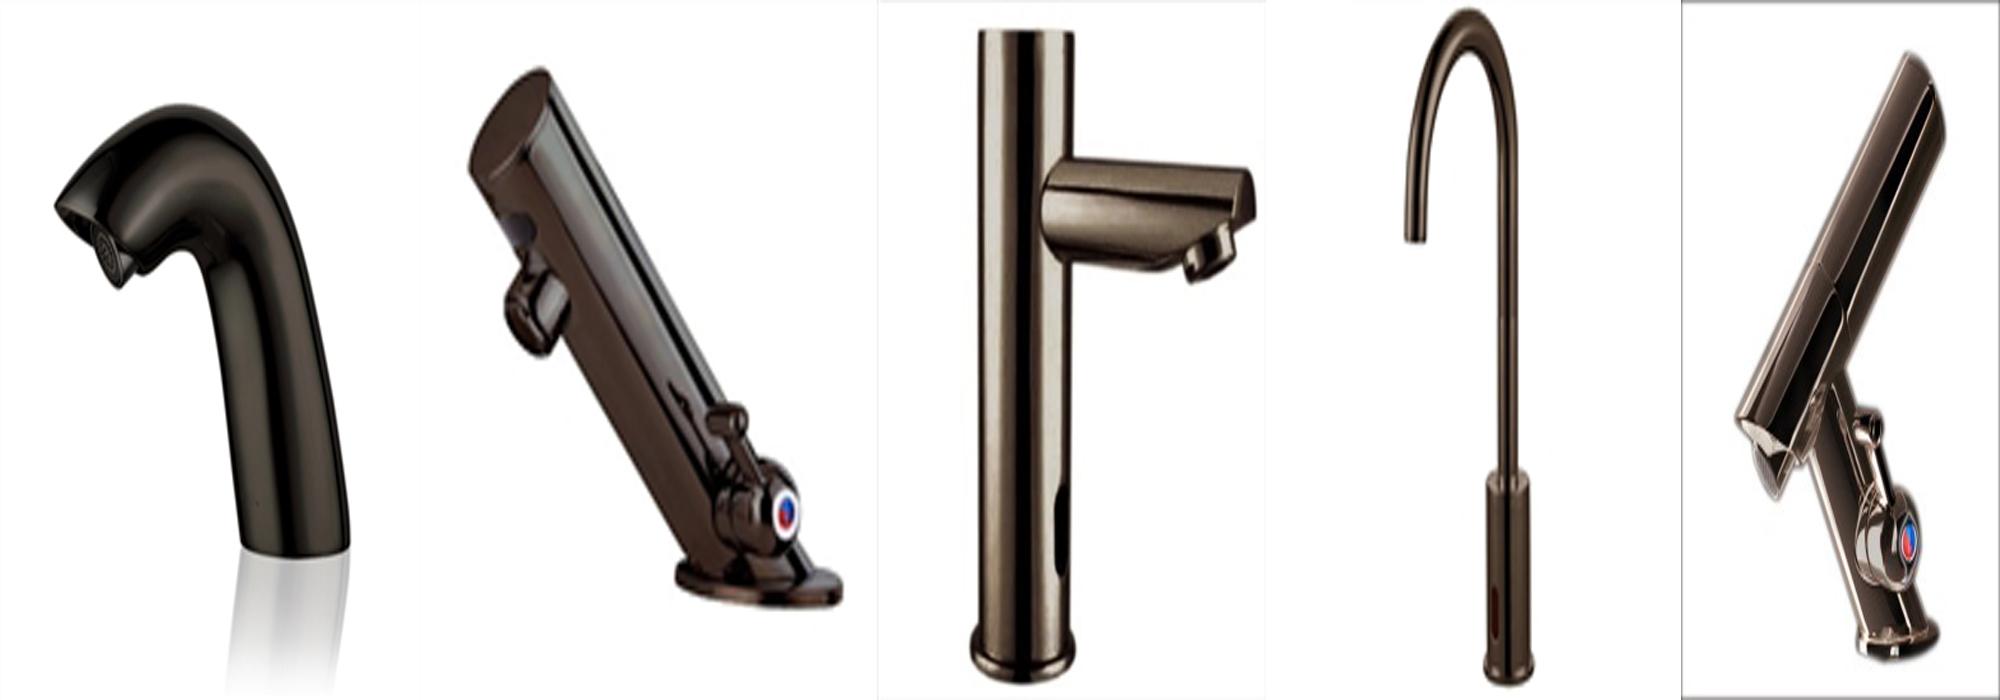 Oil Rubbed Bronze Motion Sensor Faucets